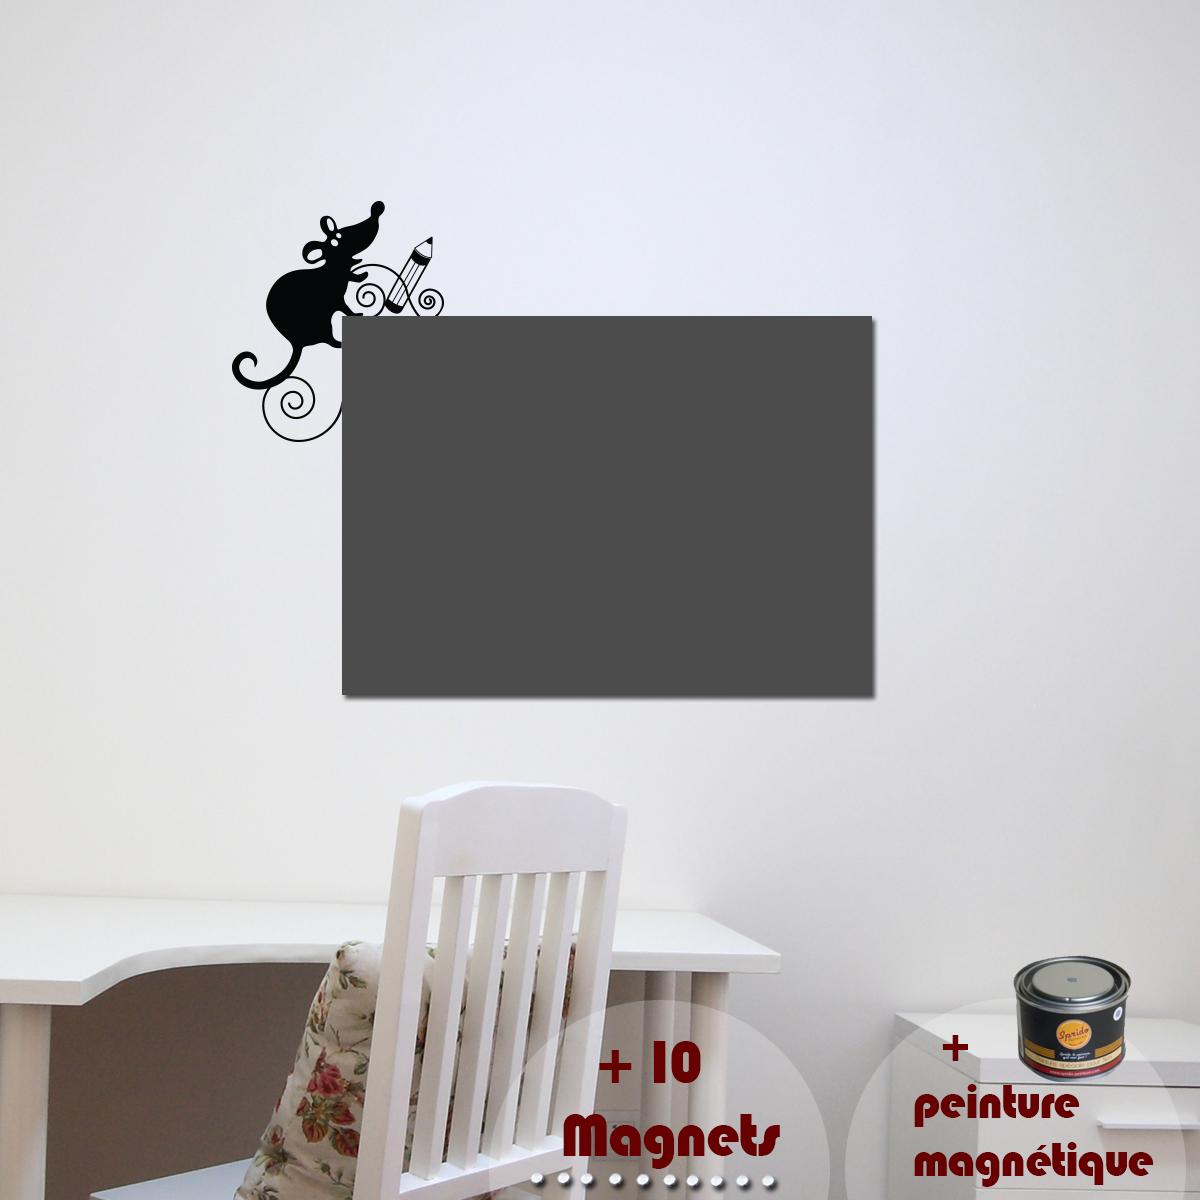 papier peint magn tique peinture magn tique avec sticker souris ambiance. Black Bedroom Furniture Sets. Home Design Ideas